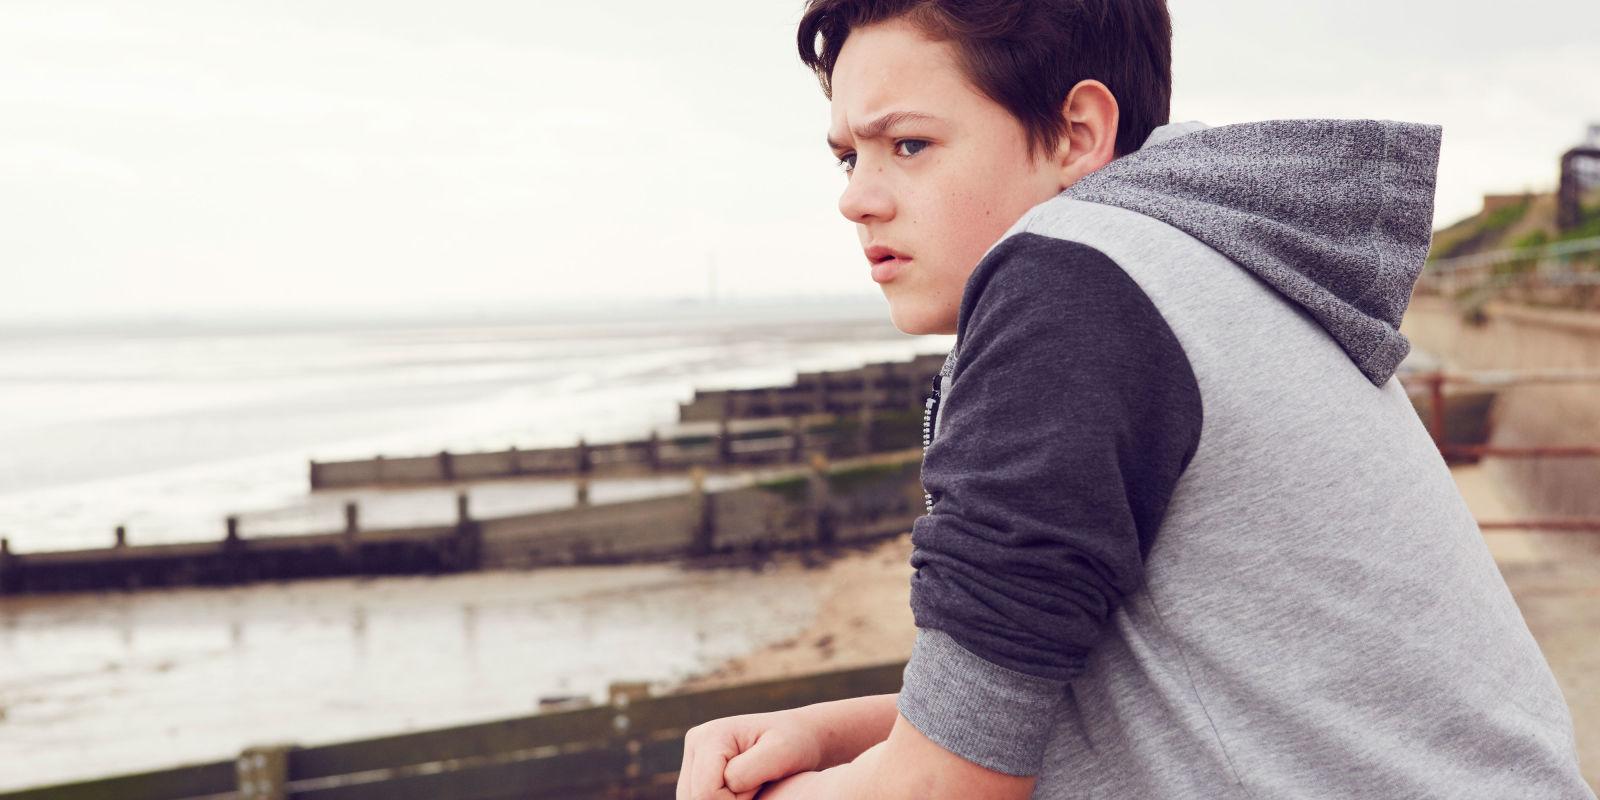 Case Study Depression In Children